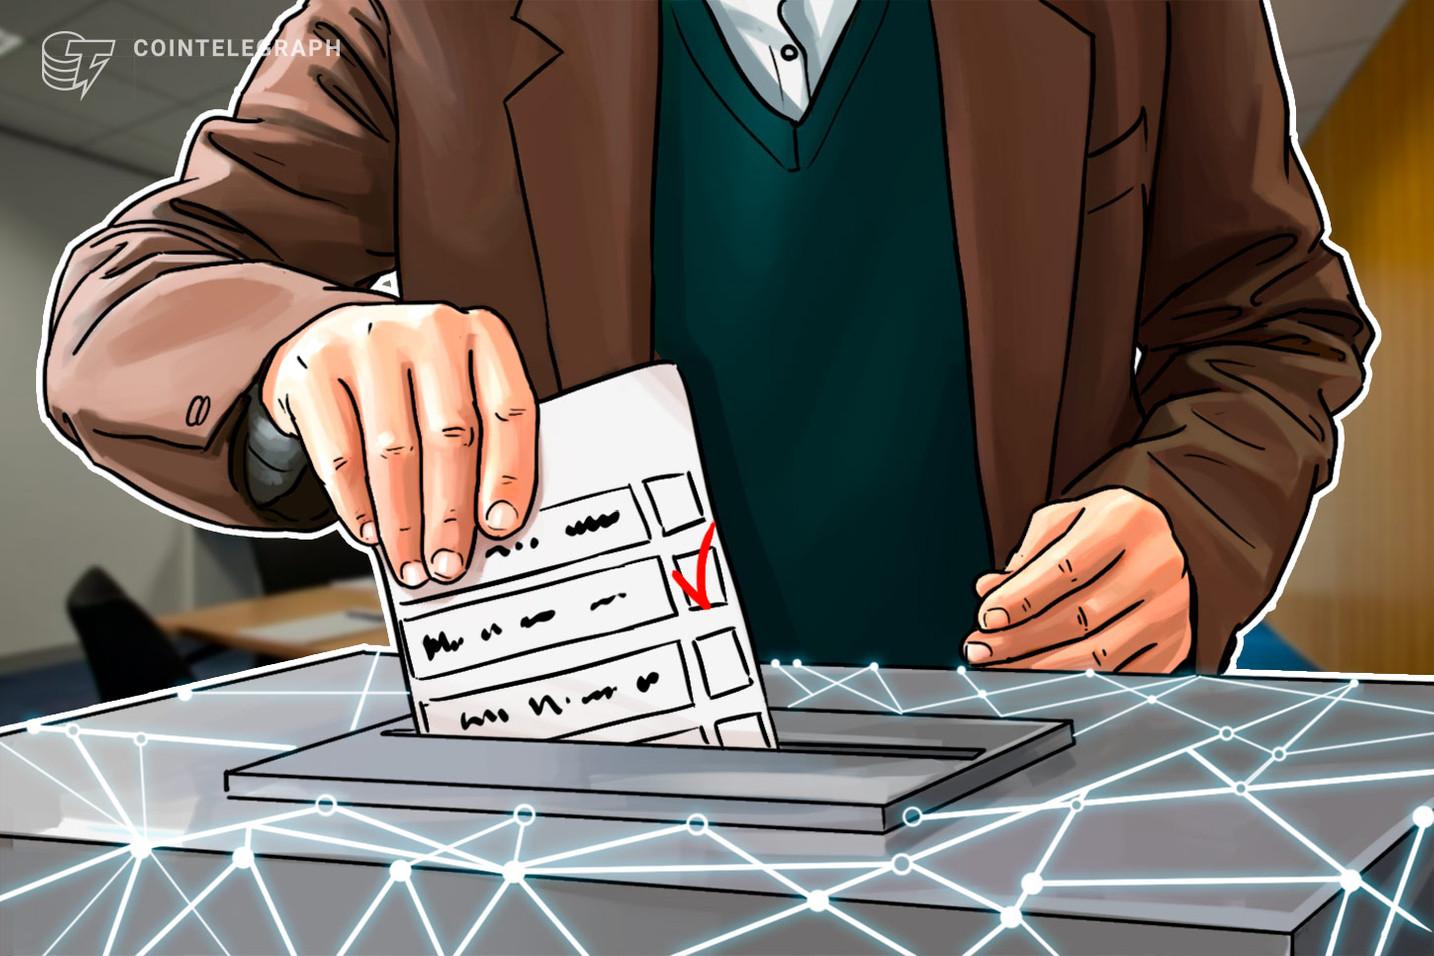 米デンバー、ブロックチェーン使ったモバイル投票アプリを開発へ 軍人など国外在住者向け